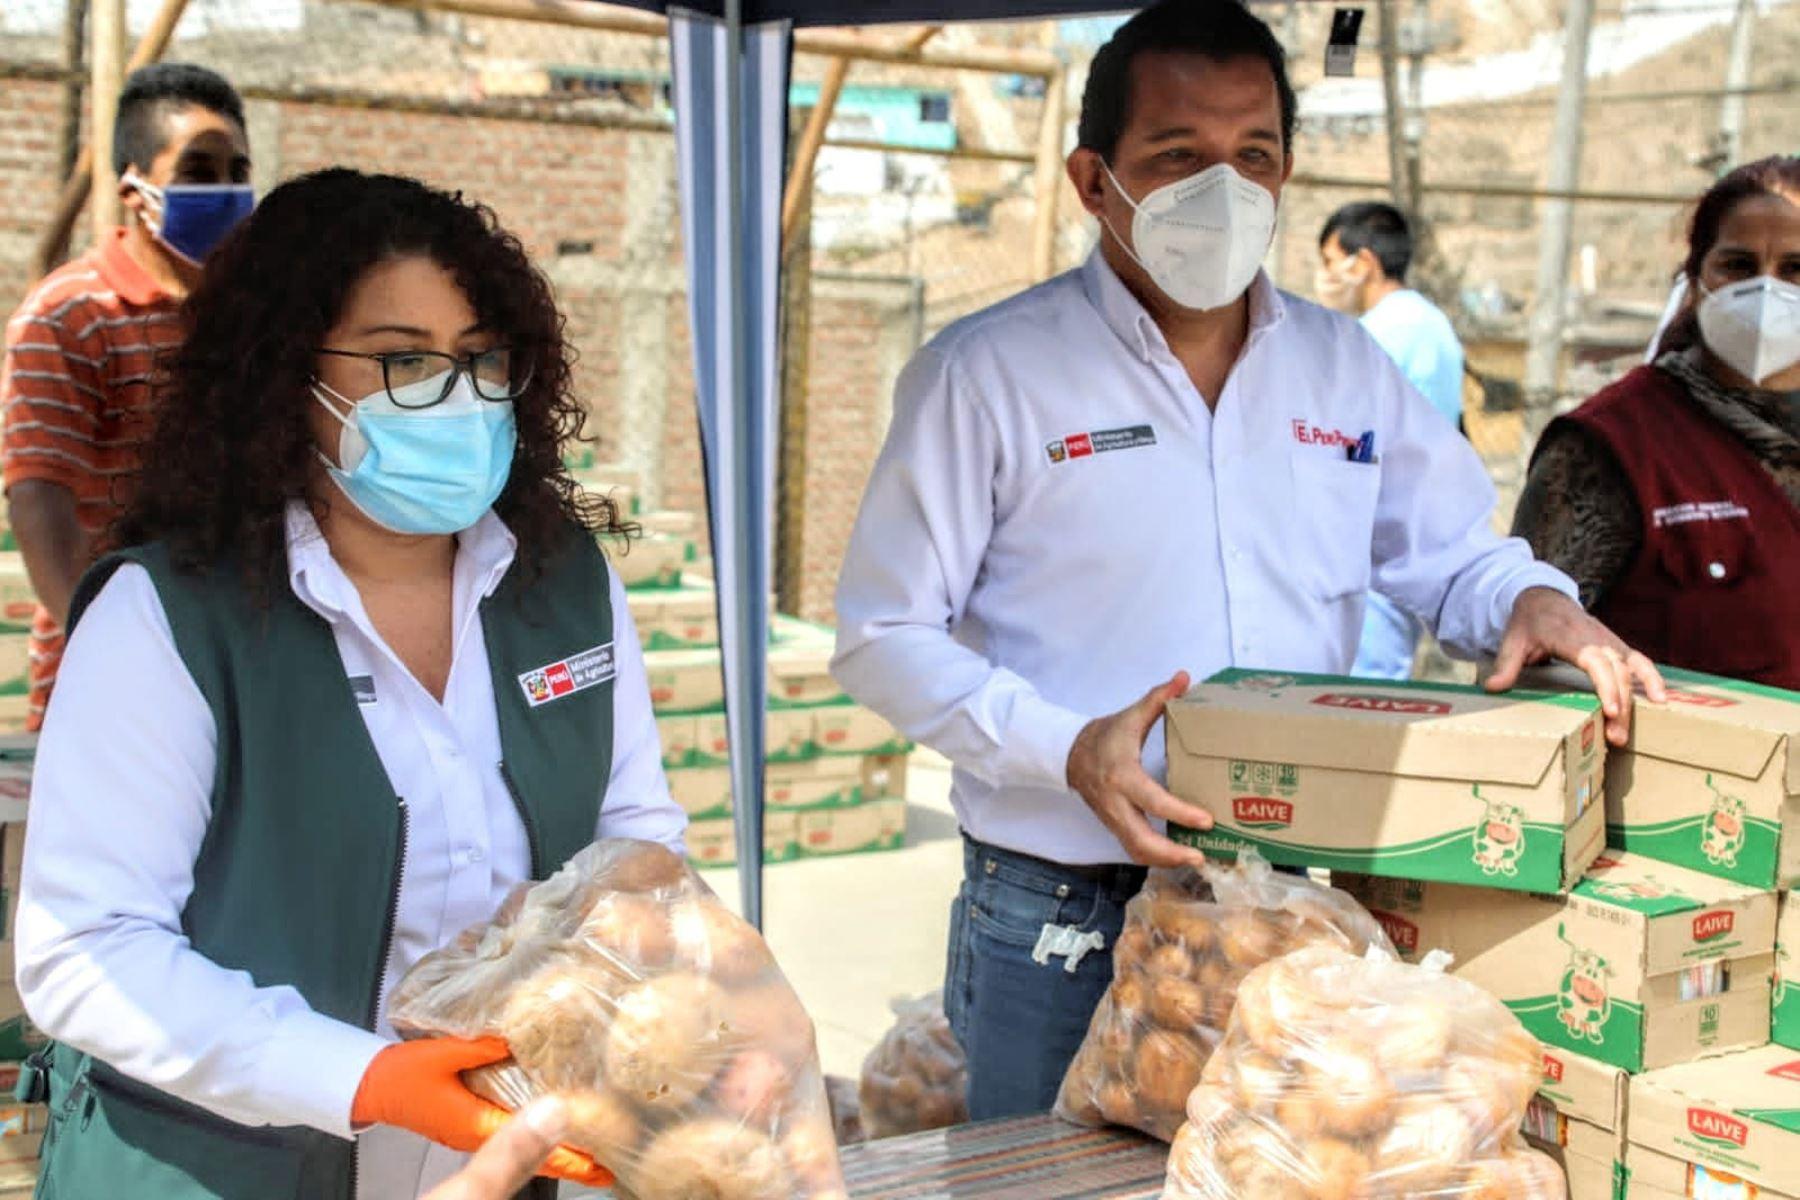 En el marco del Día Mundial de la Leche, el ministerio de Agricultura llega a San Juan de Lurigancho para entregar más de mil litros de leche a vecinos del sector Santa Cruz, con el objetivo de incentivar su consumo y mejorar la alimentación de los peruanos.  Foto: Minagri